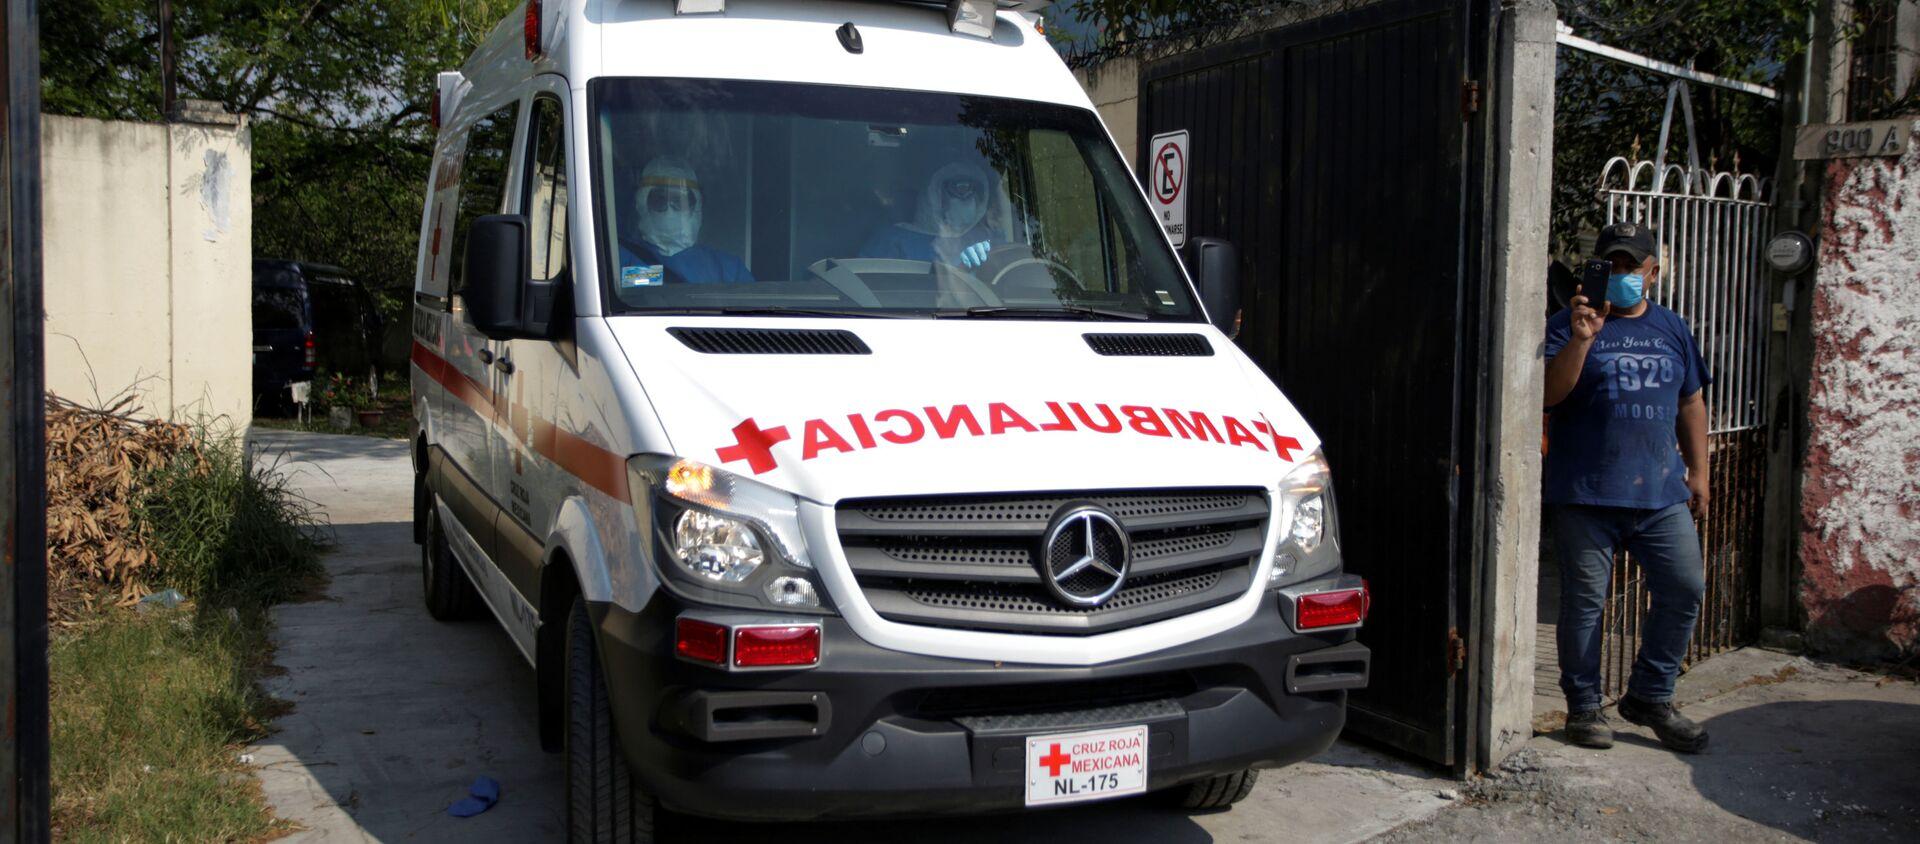 Un'ambulanza in Messico - Sputnik Italia, 1920, 15.05.2020